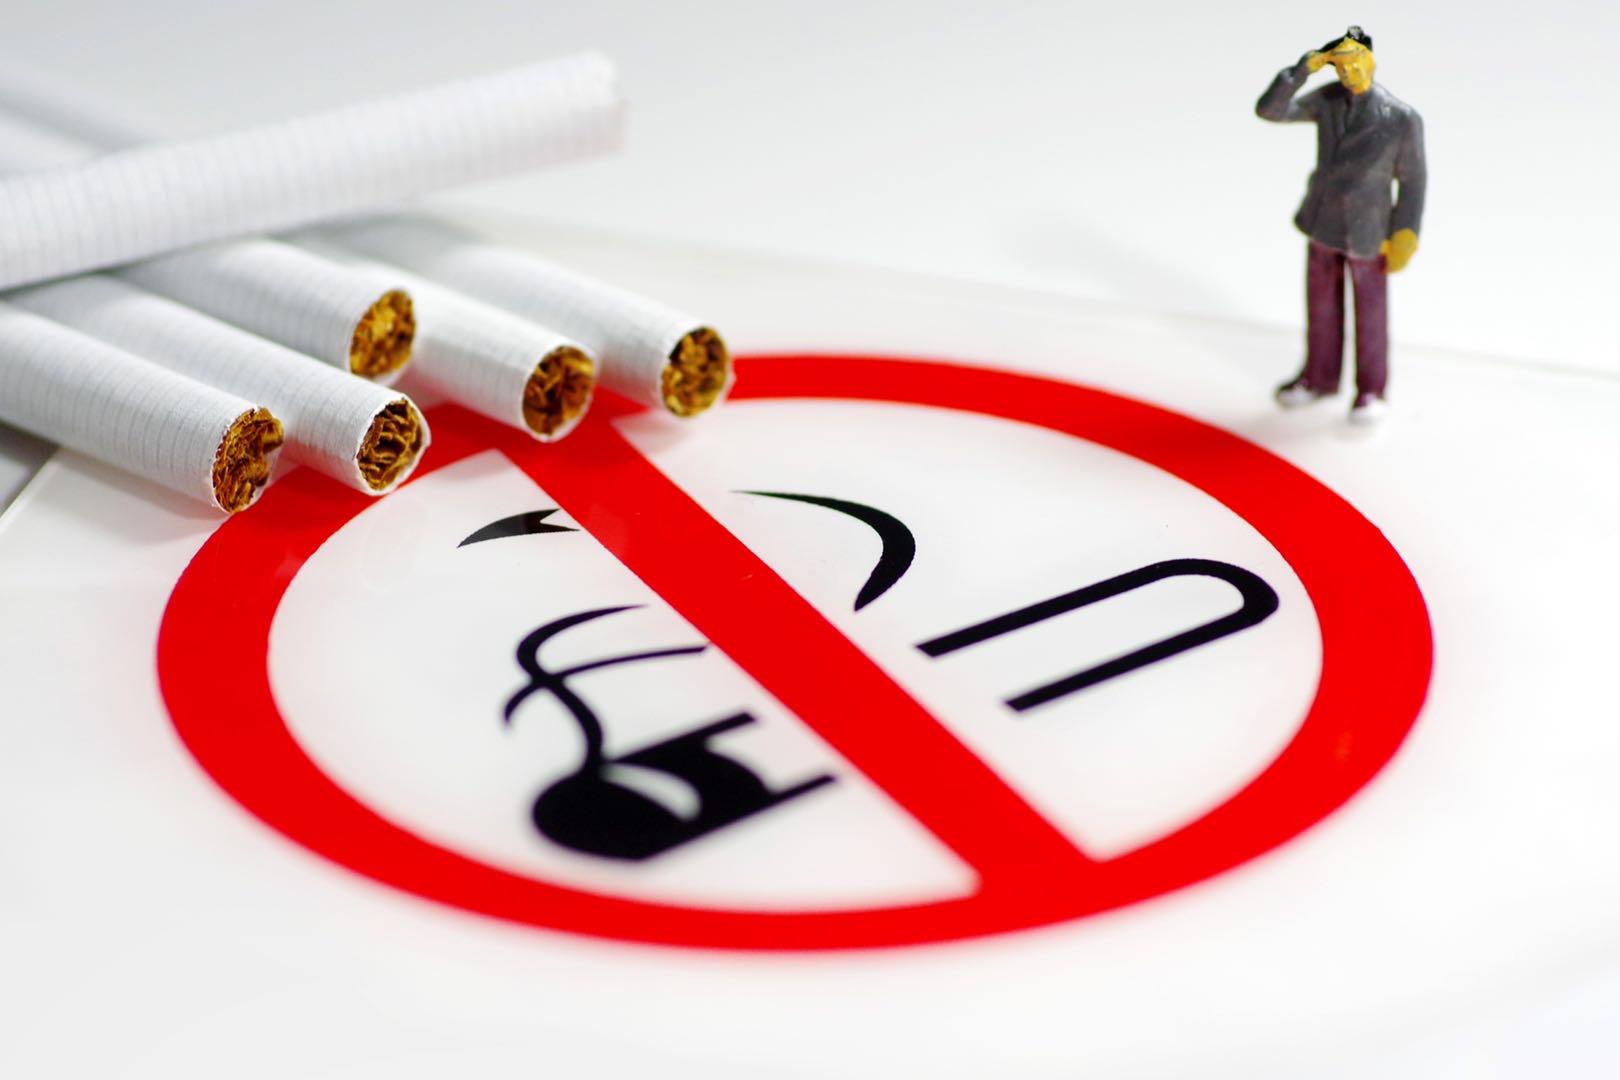 """室内是否应设""""吸烟房""""?重庆控烟新规引争议"""